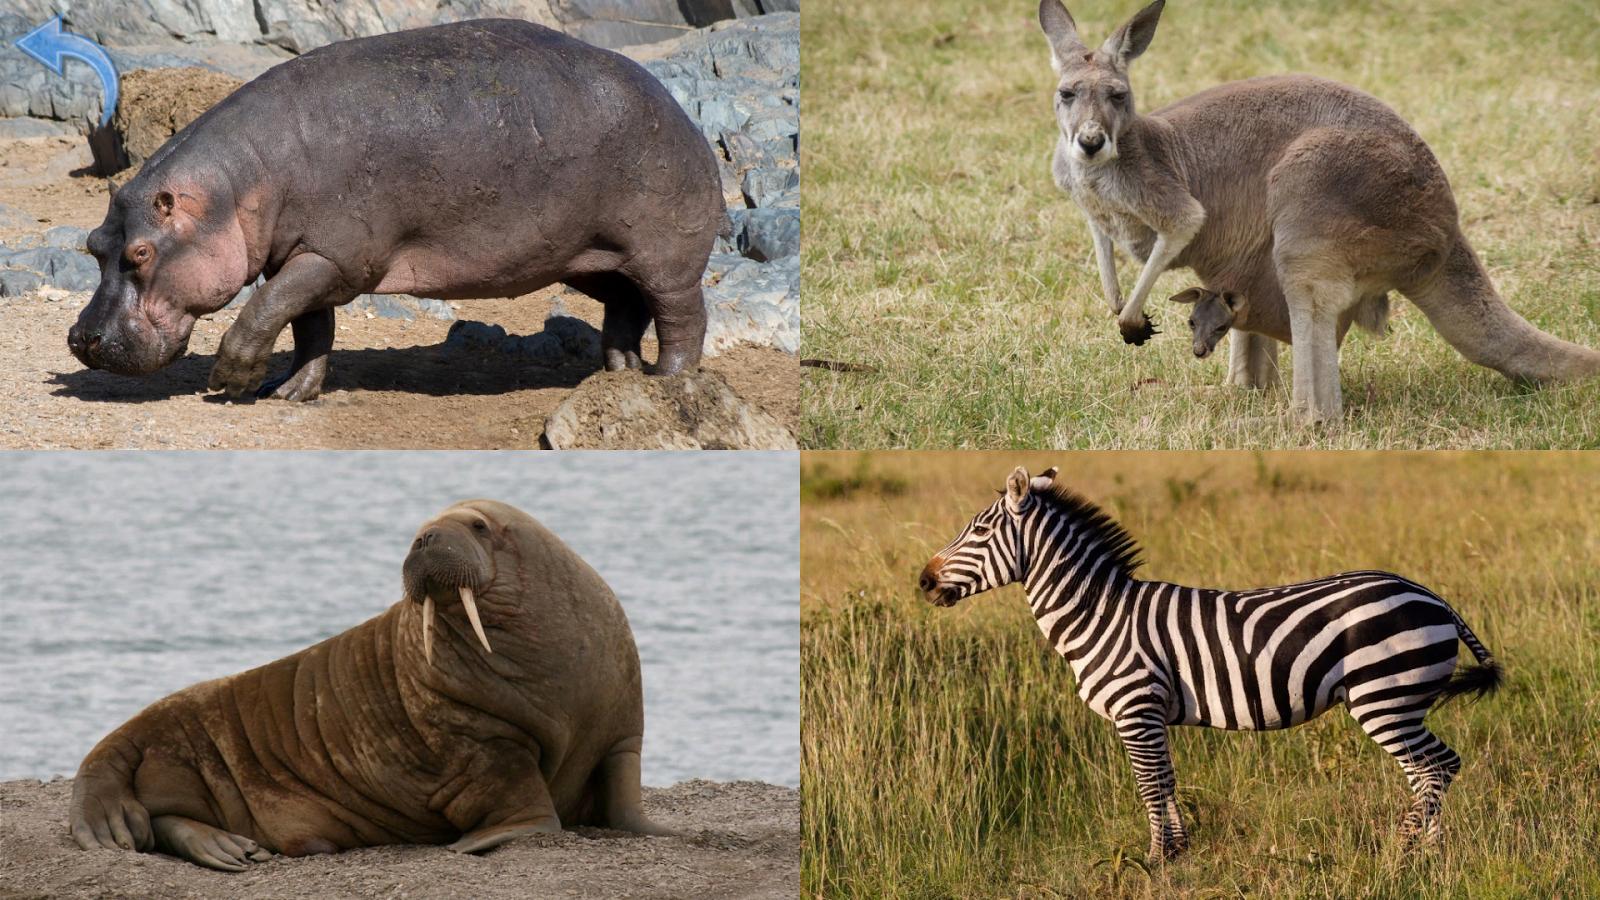 Cris d animaux pour les enfants jeux b b gratuit - Image d animaux gratuit ...